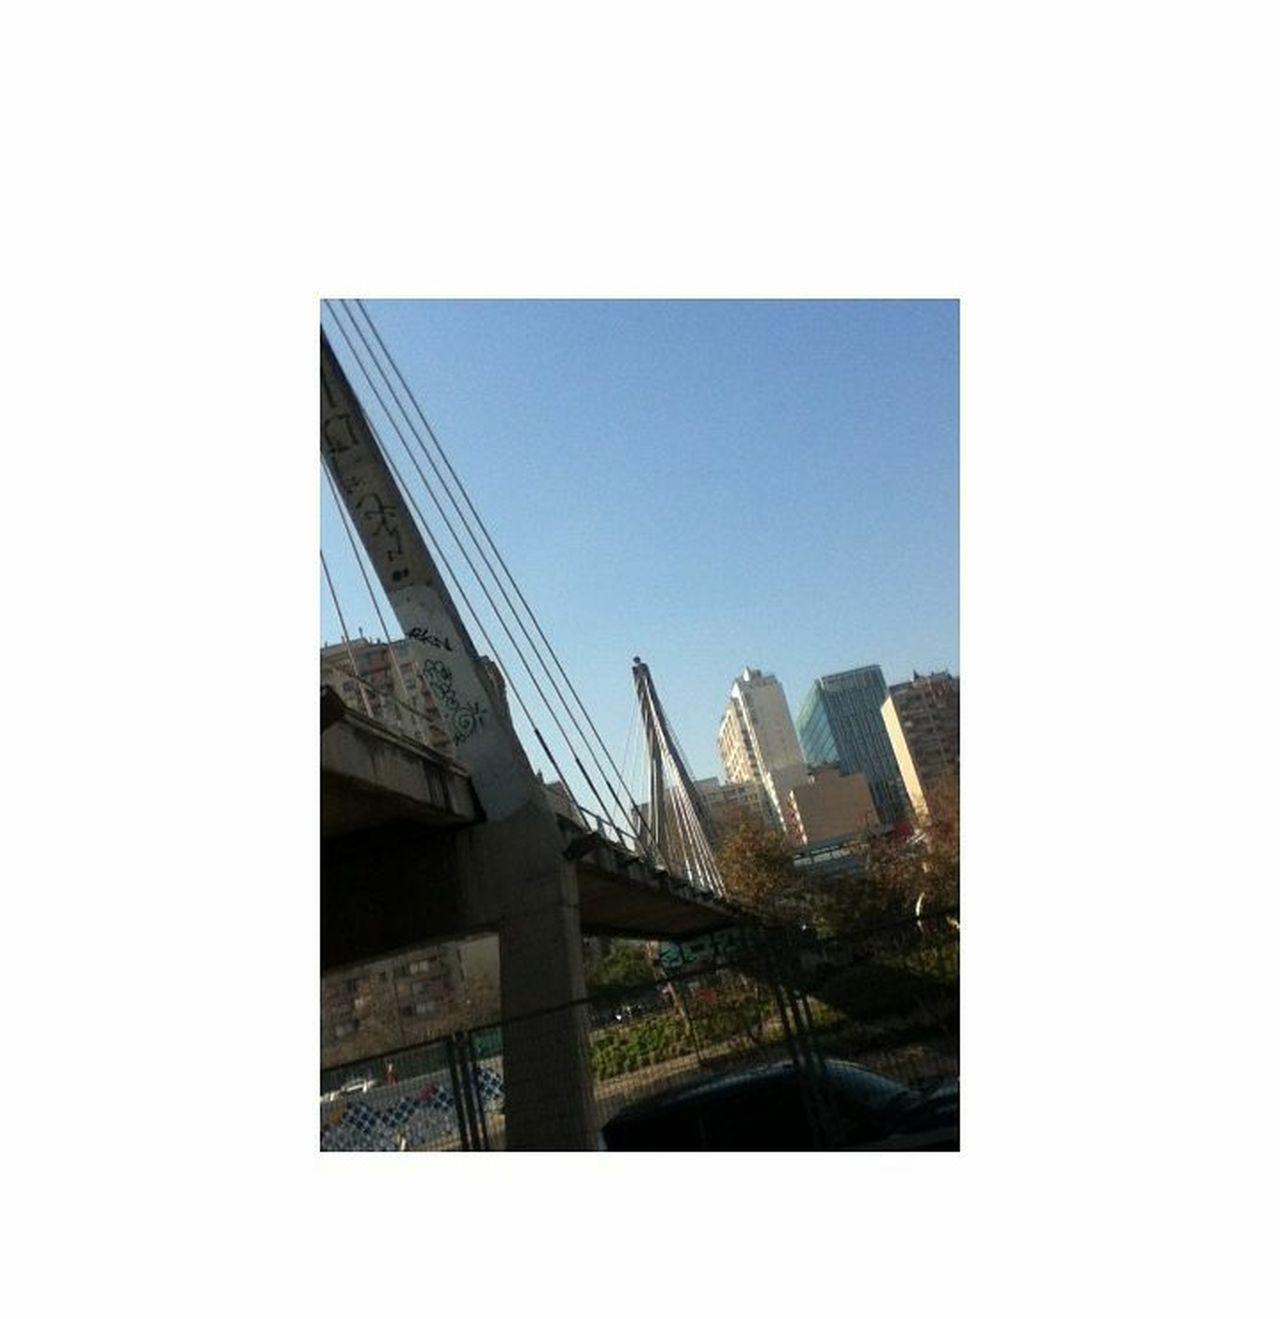 CL Puente Huérfanos Santiago De Chile City